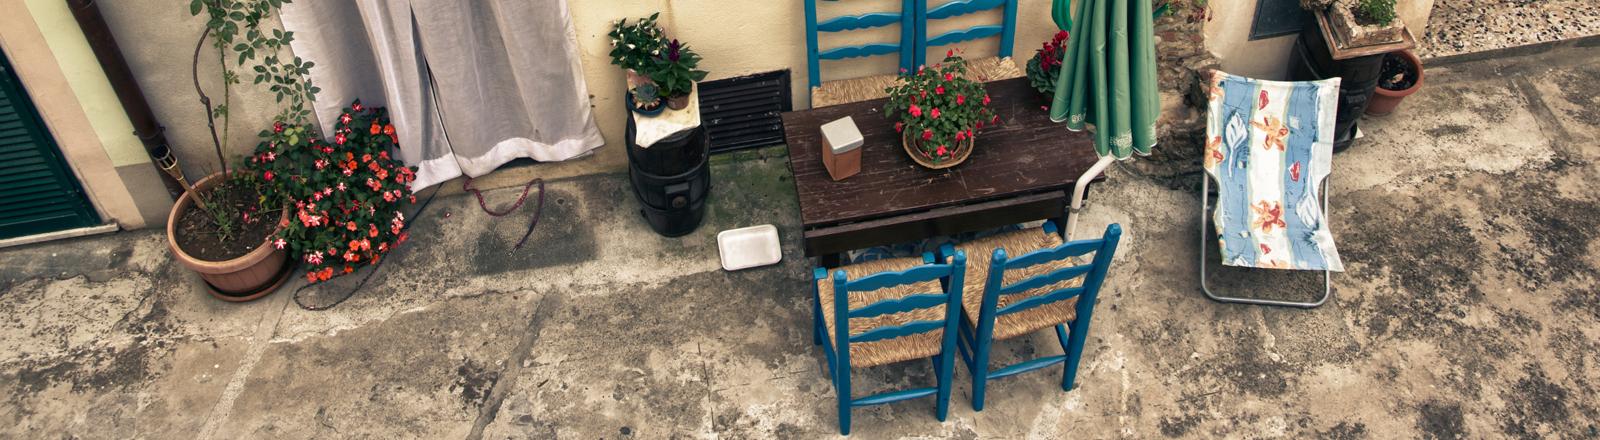 Tisch mit Stühlen vor einem Haus mit südlichem Flair.